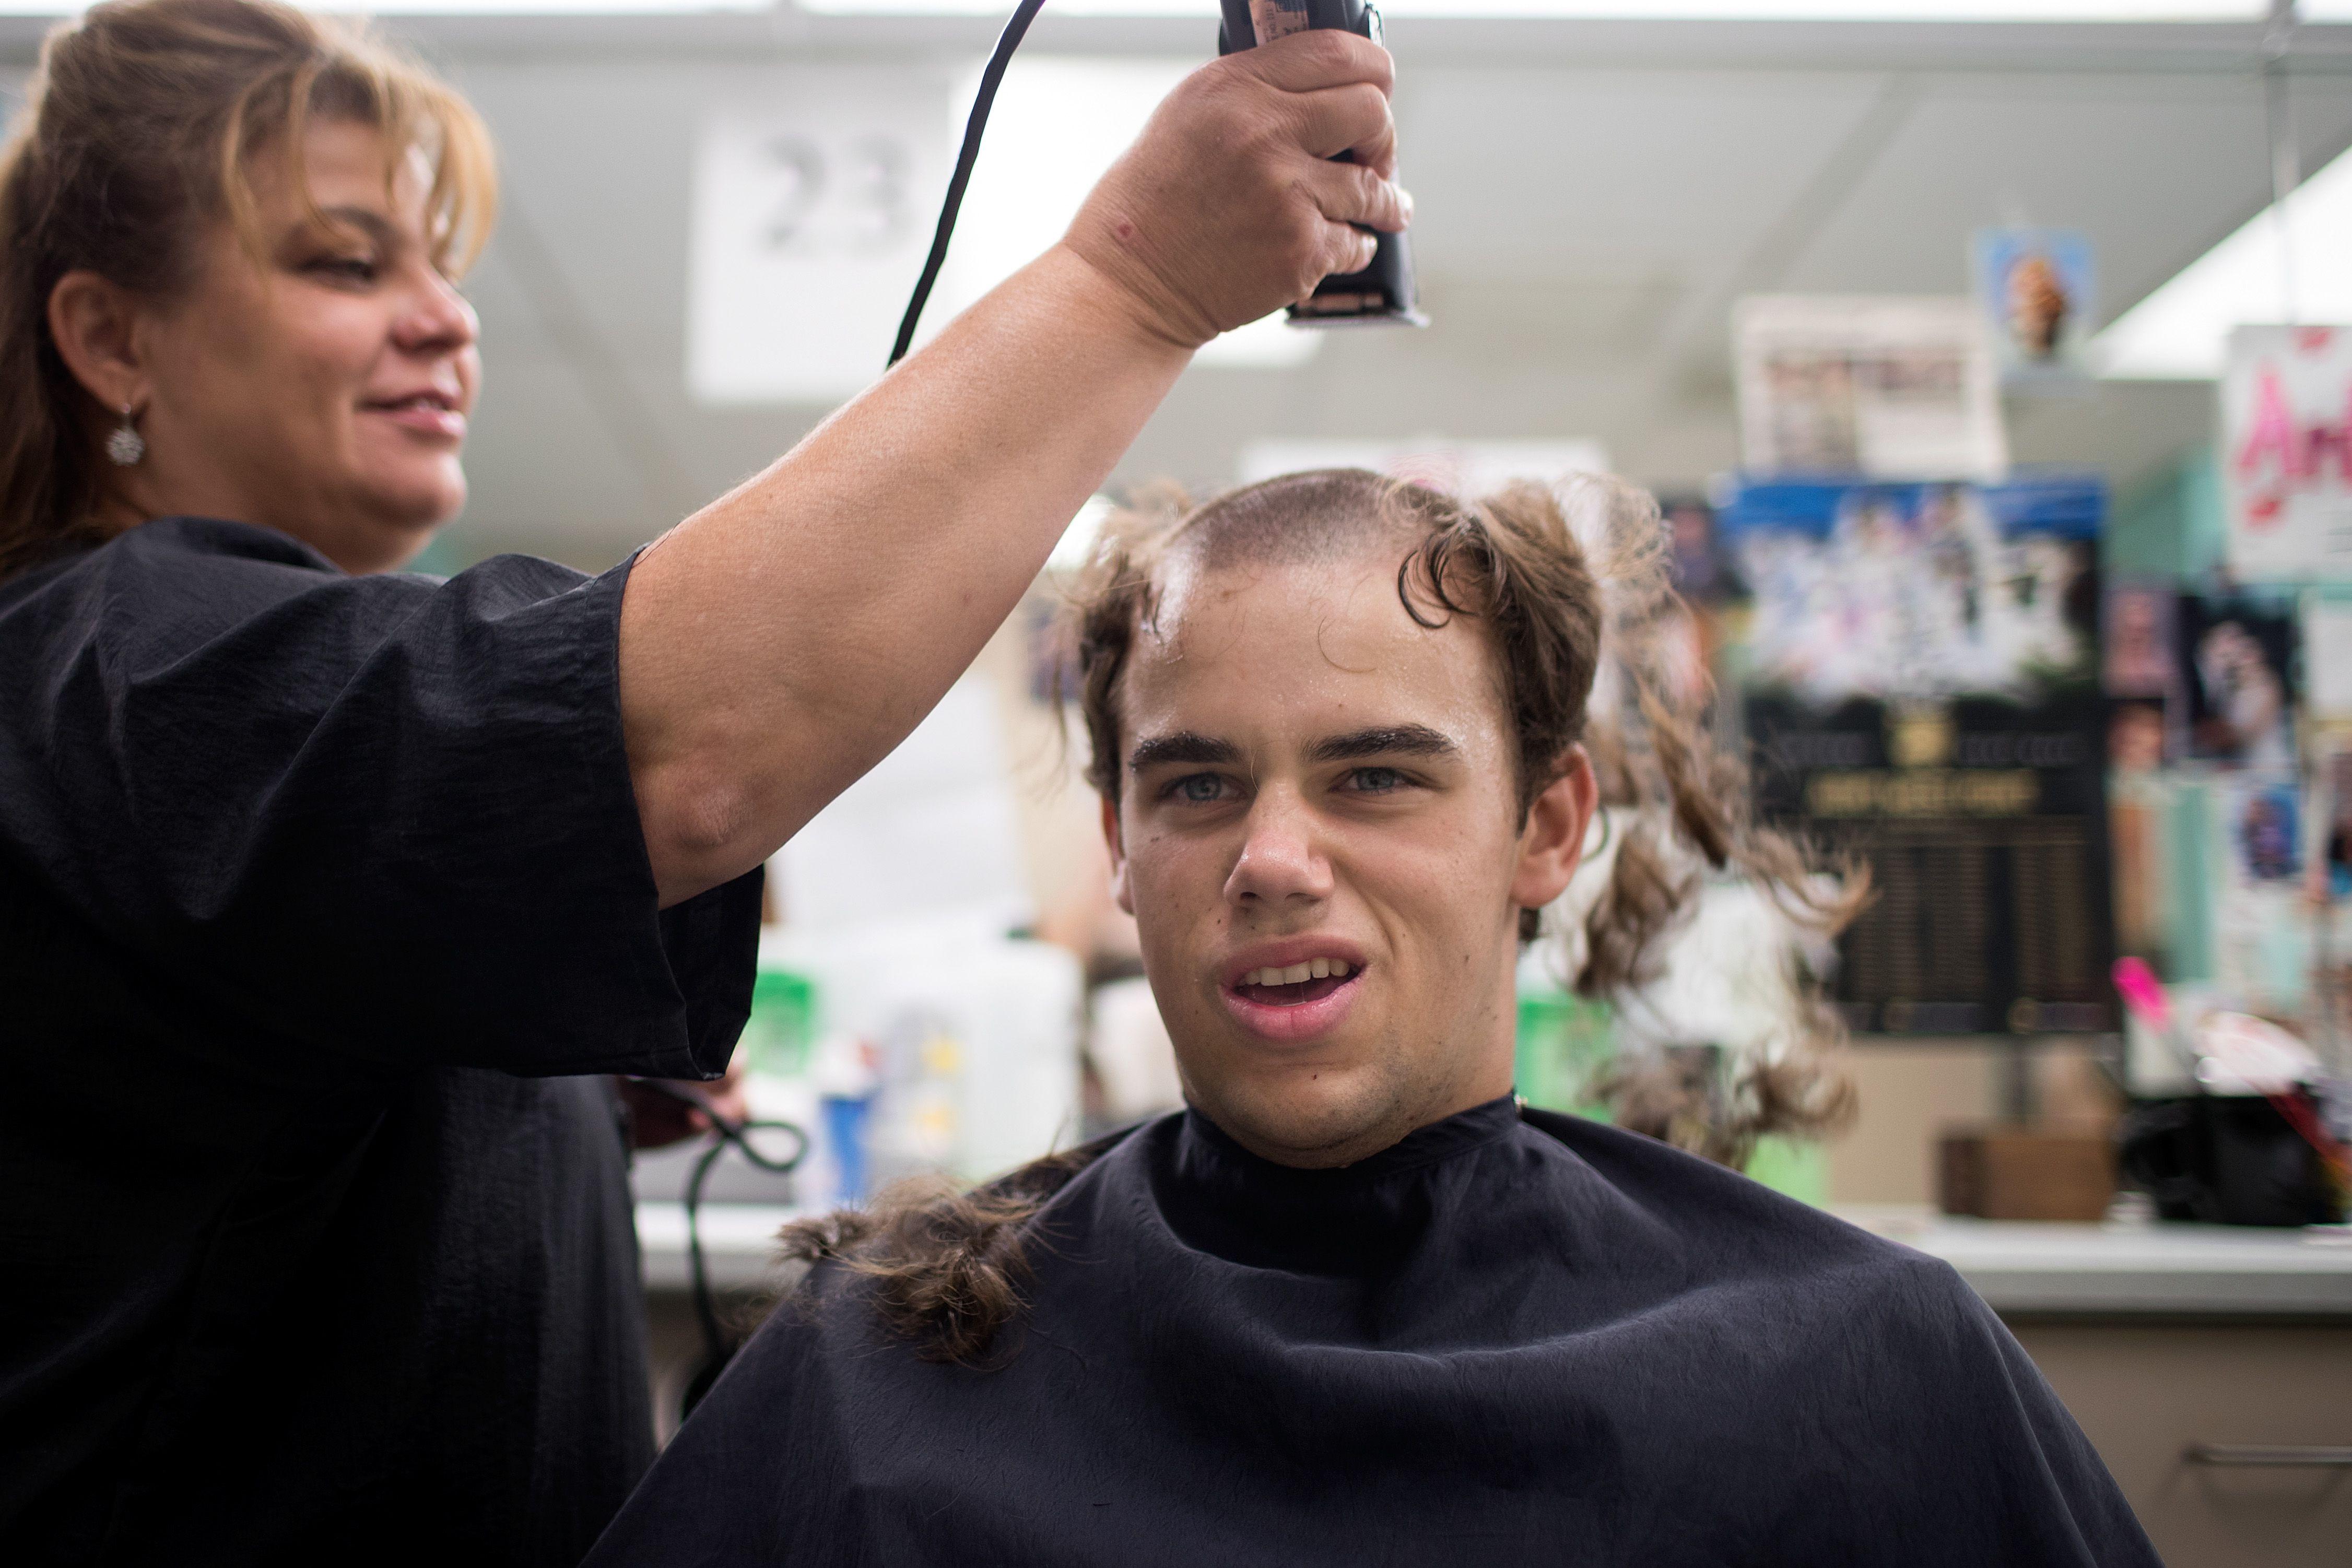 air force basic training haircuts